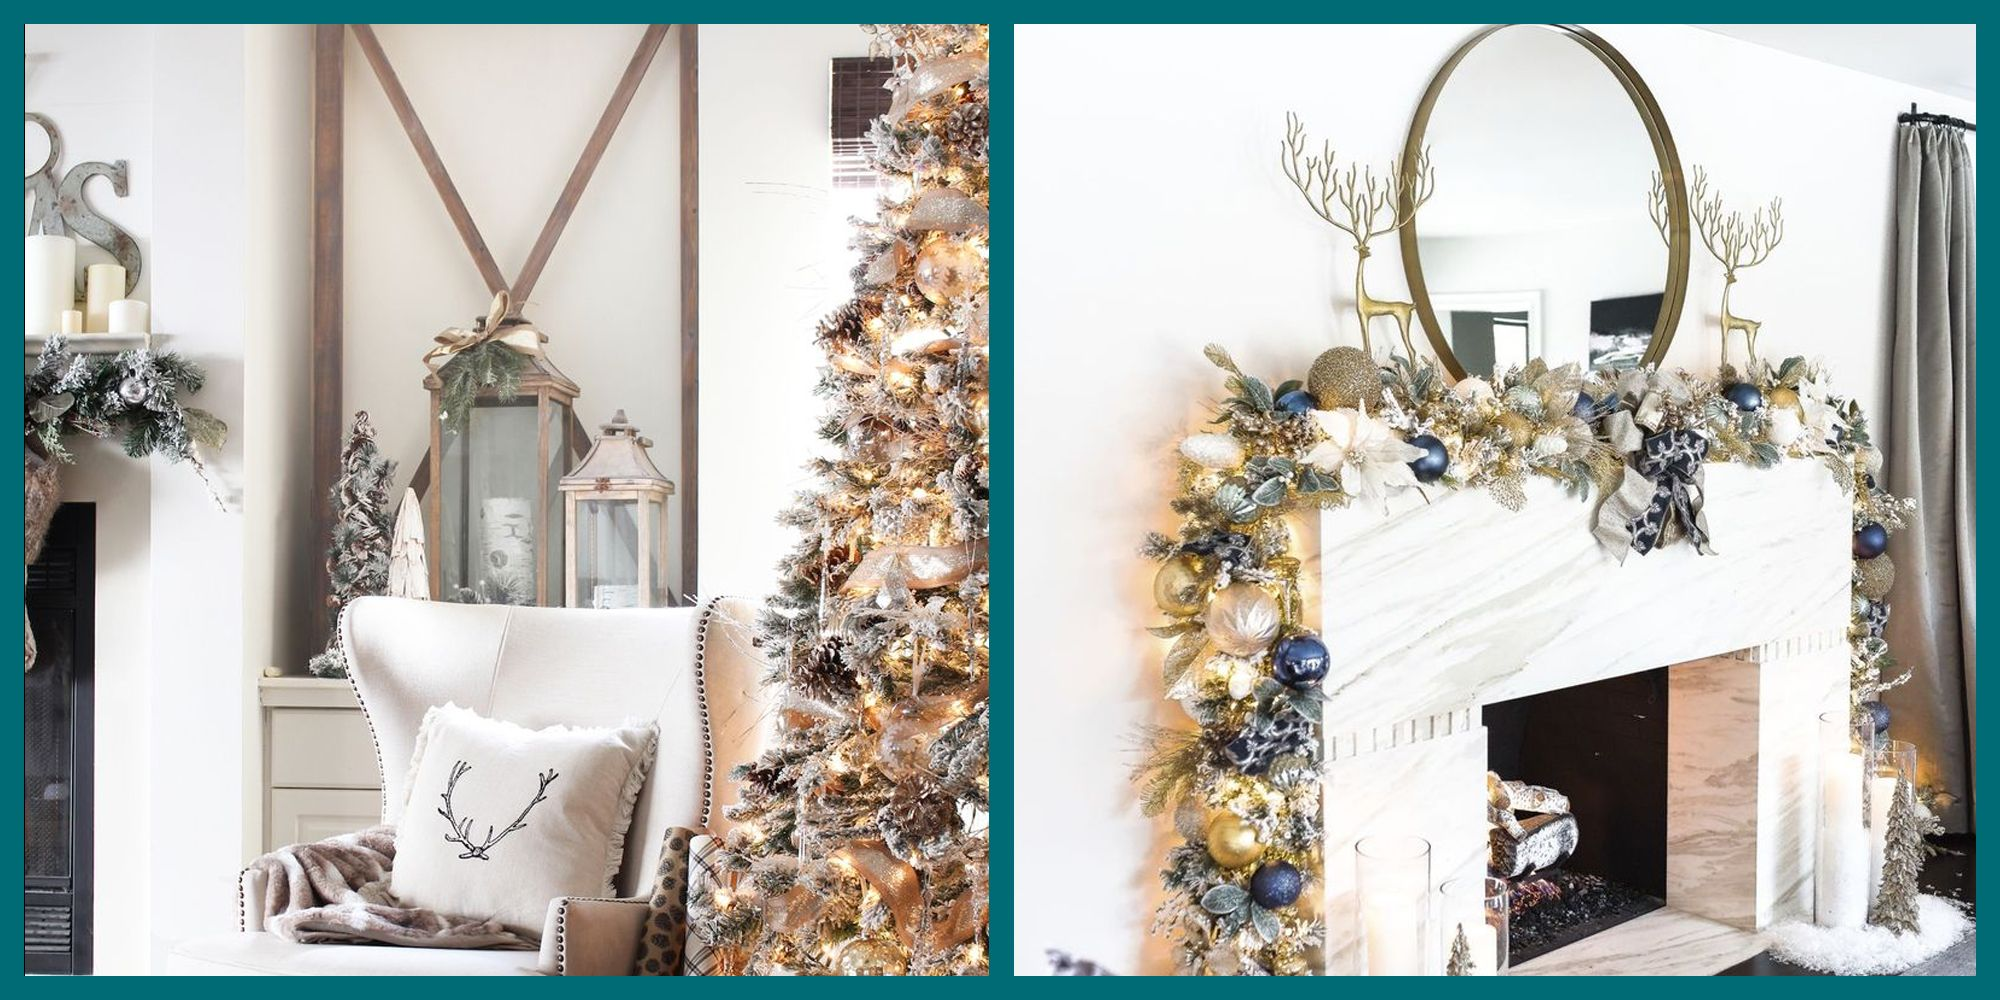 35 Christmas Decoration Ideas 2019 , Elegant Holiday Decorating